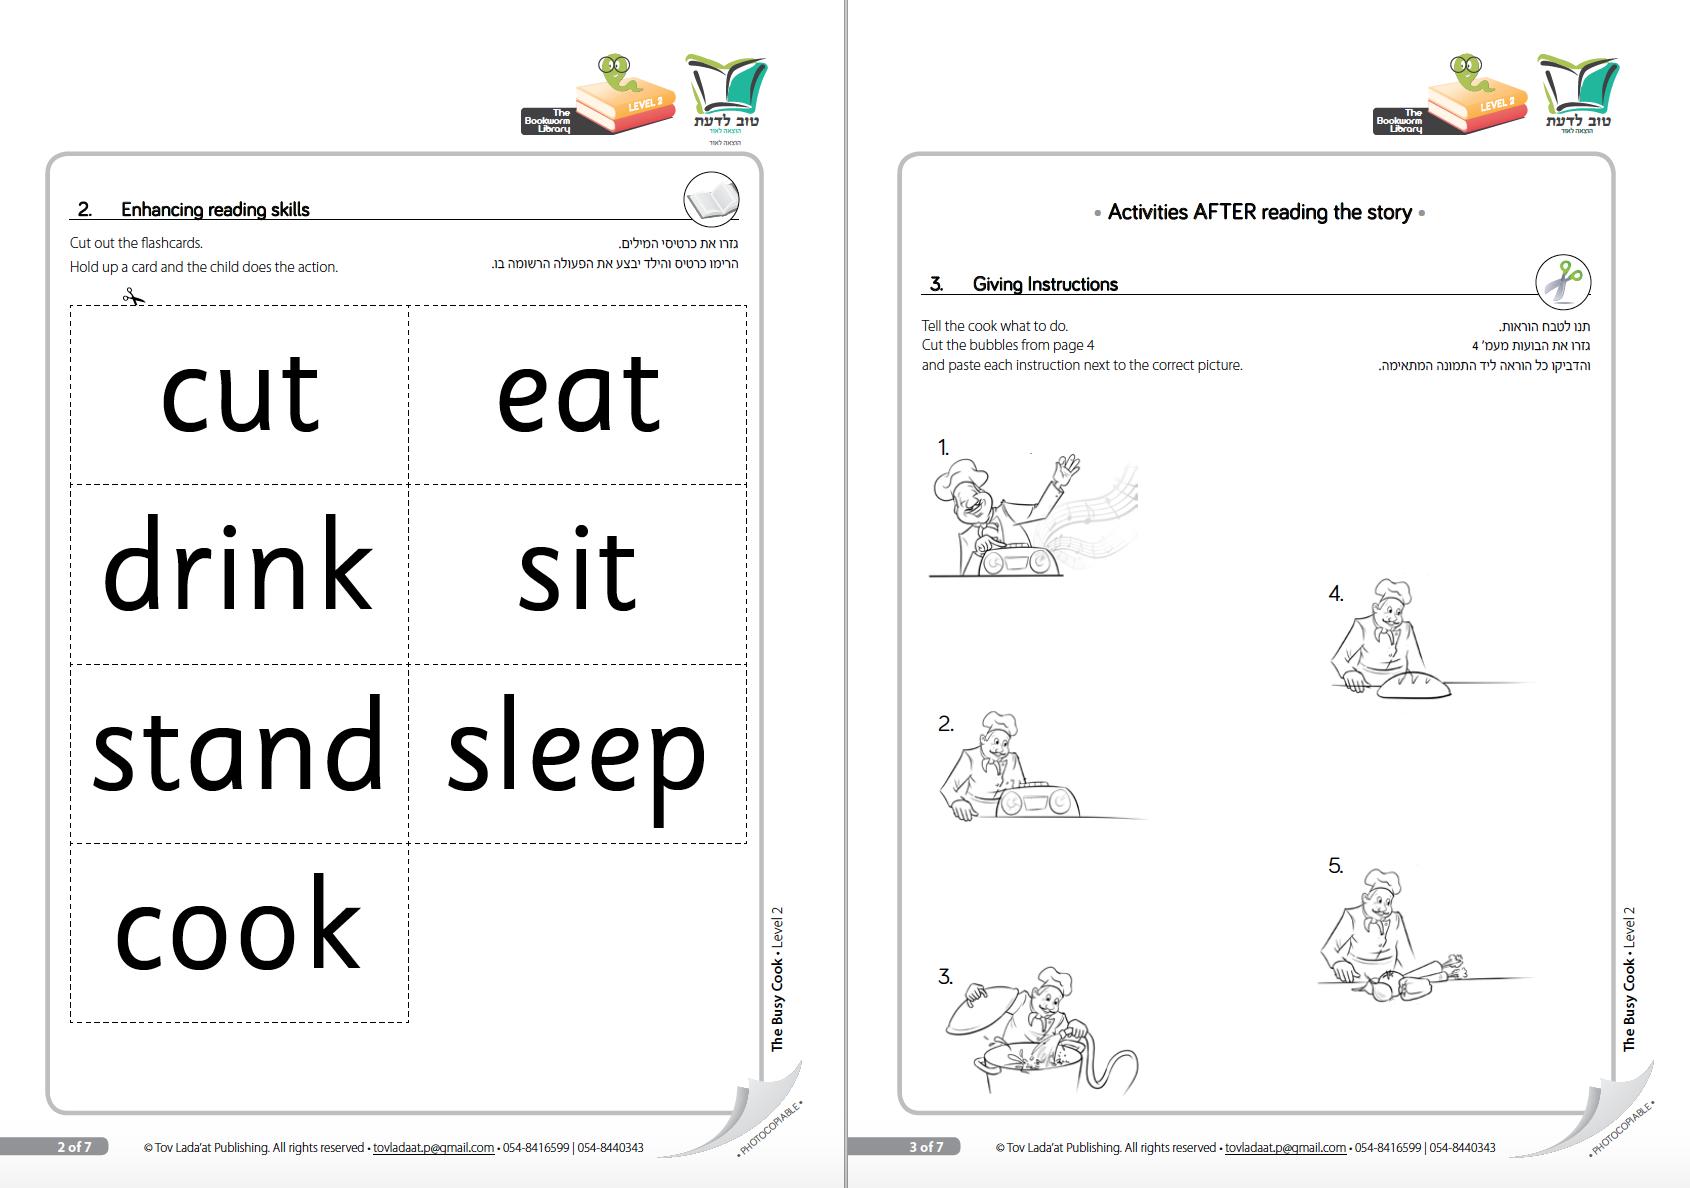 חוברת עבודה לספרון באנגלית | The busy cook | Level 2